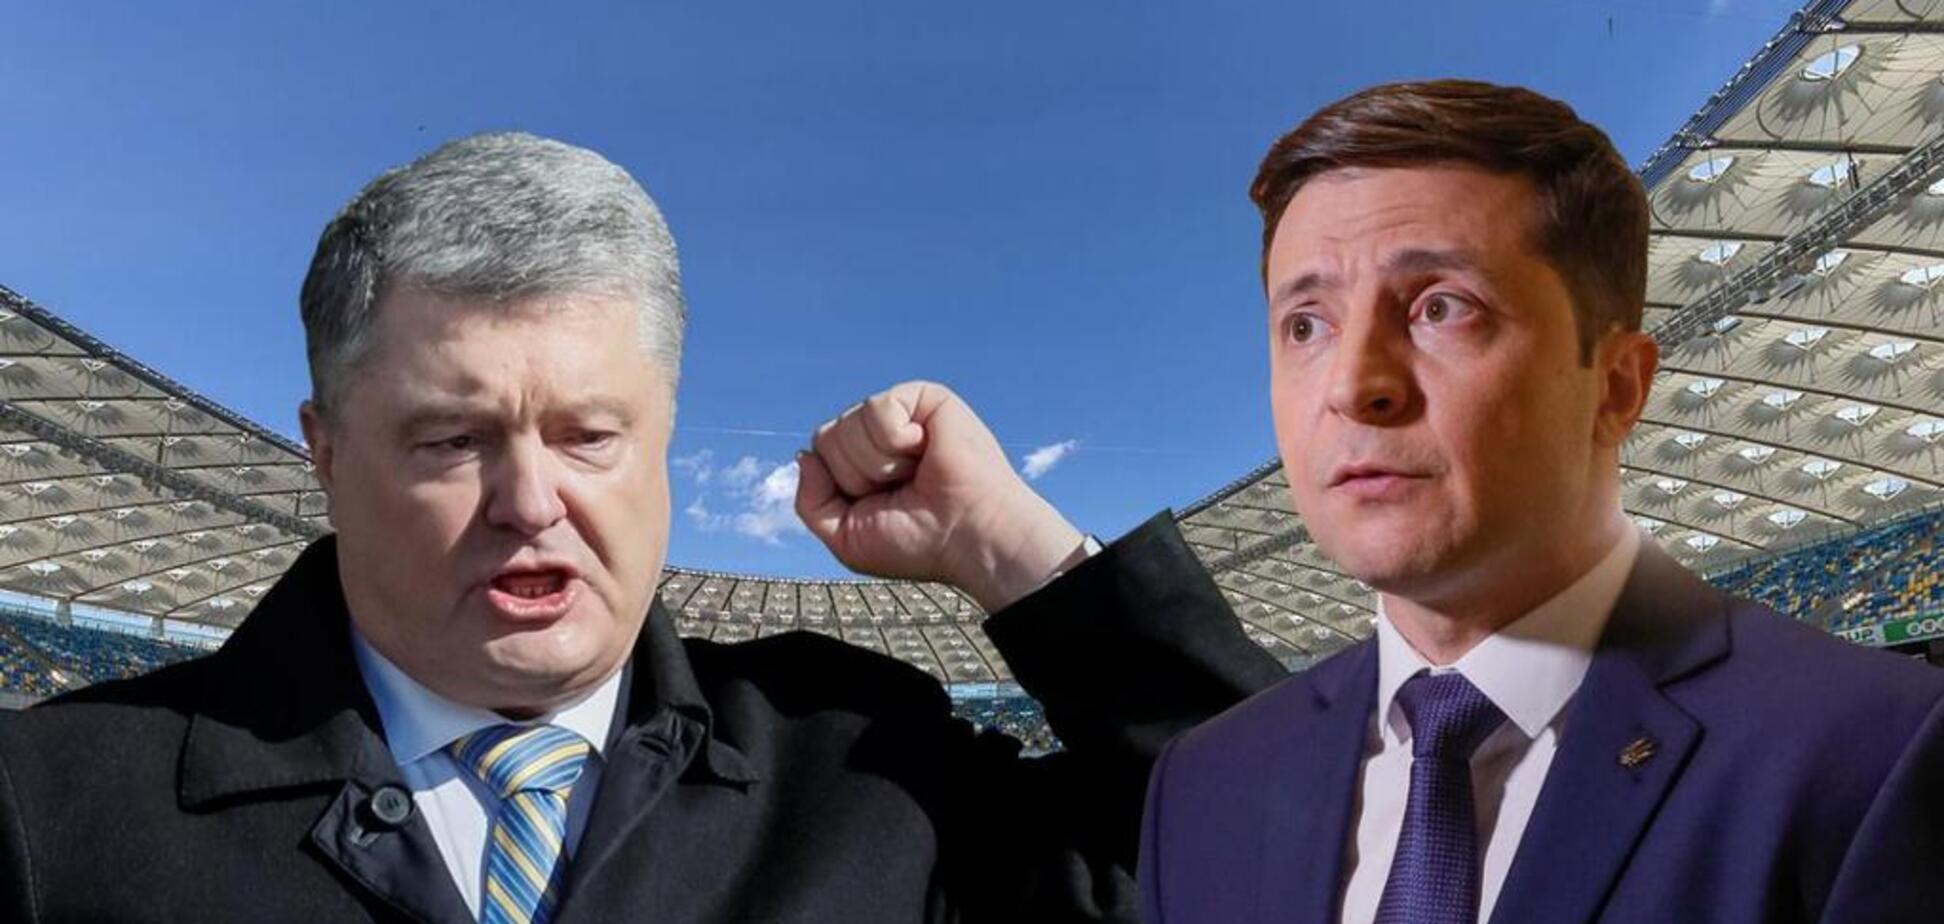 Порошенко vs Зеленский: психолог объяснила украинцам, как не ошибиться с выбором